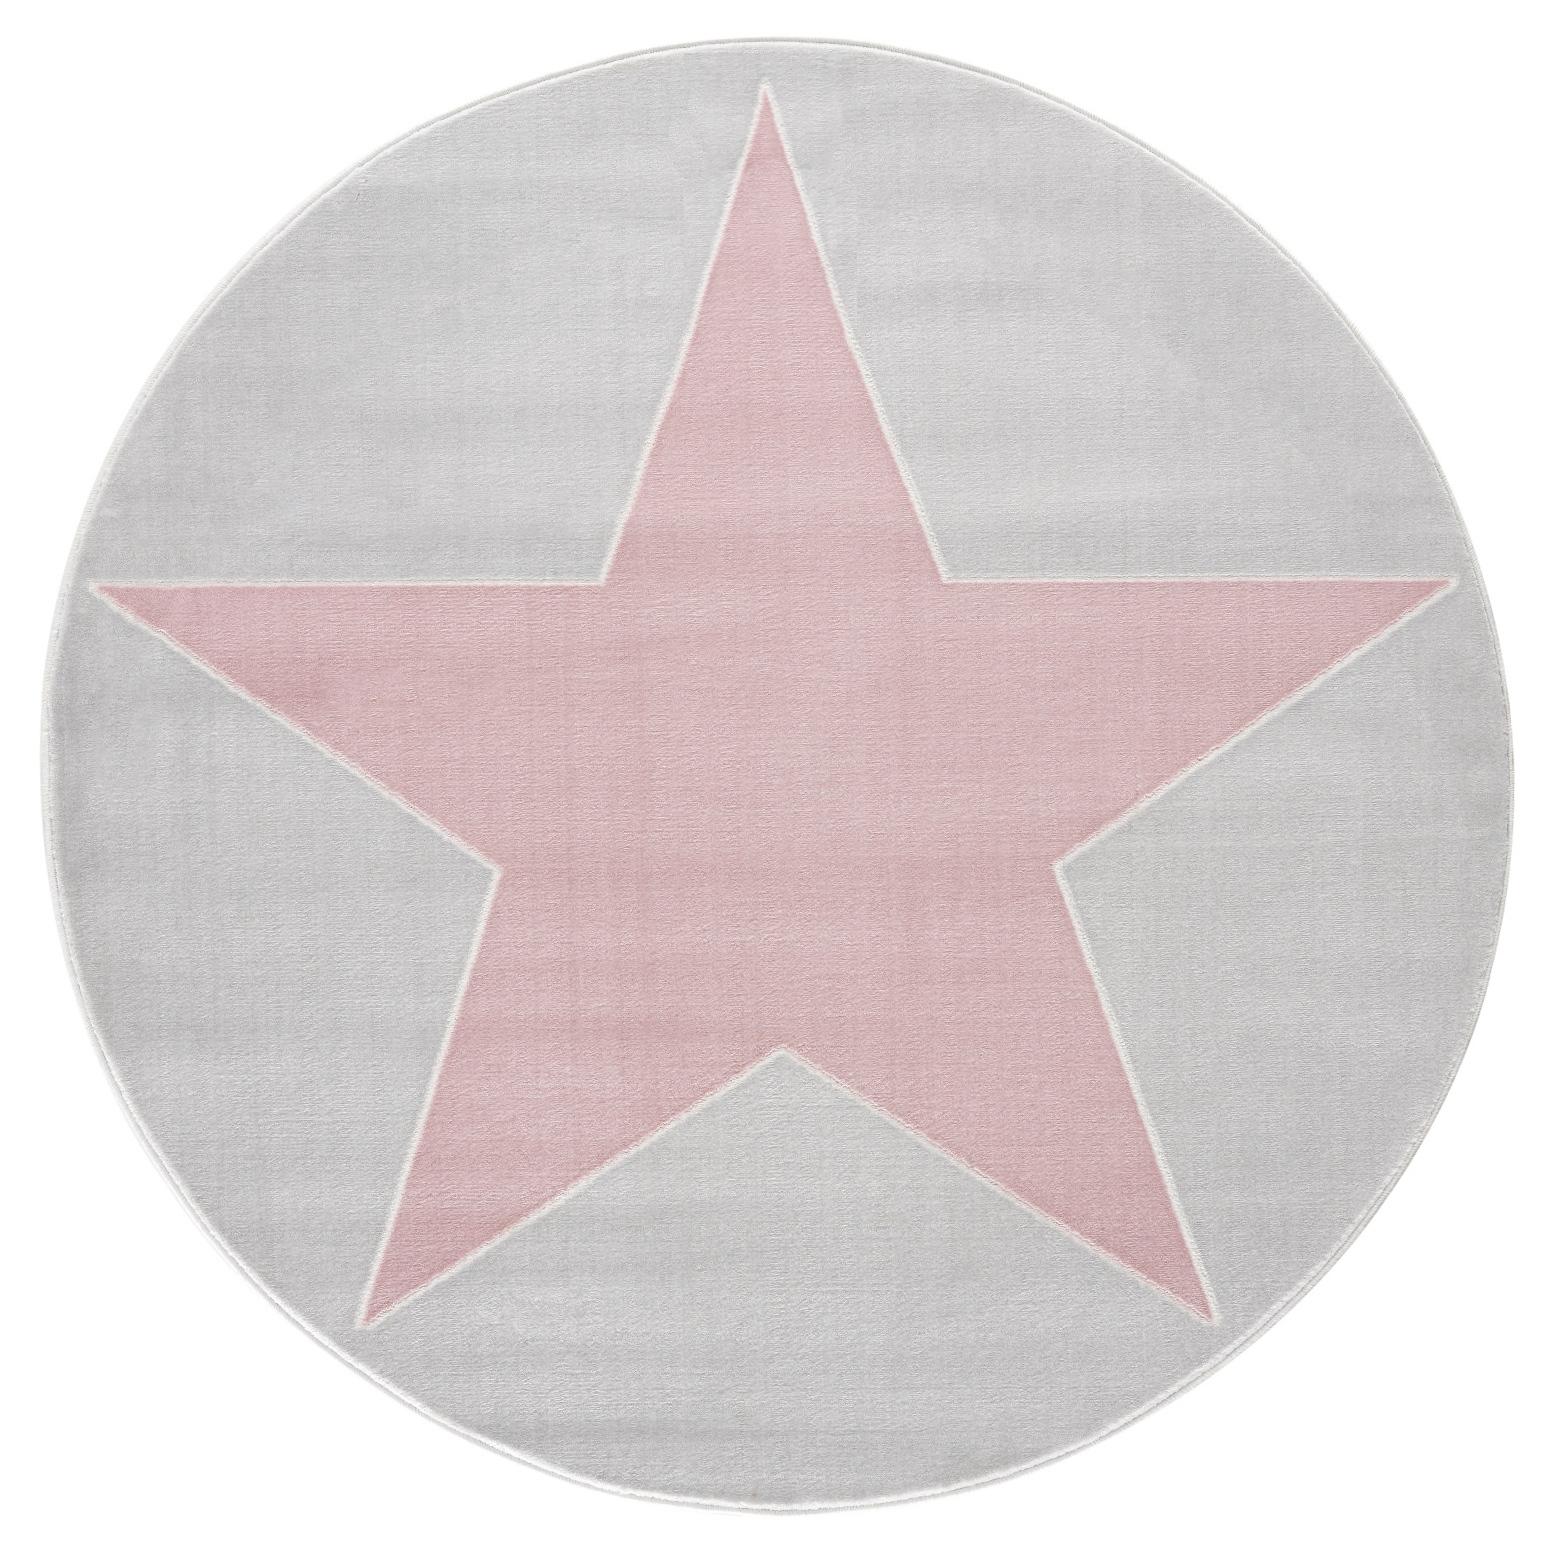 Dětský koberec hvězda - šedá/růžová 160cm